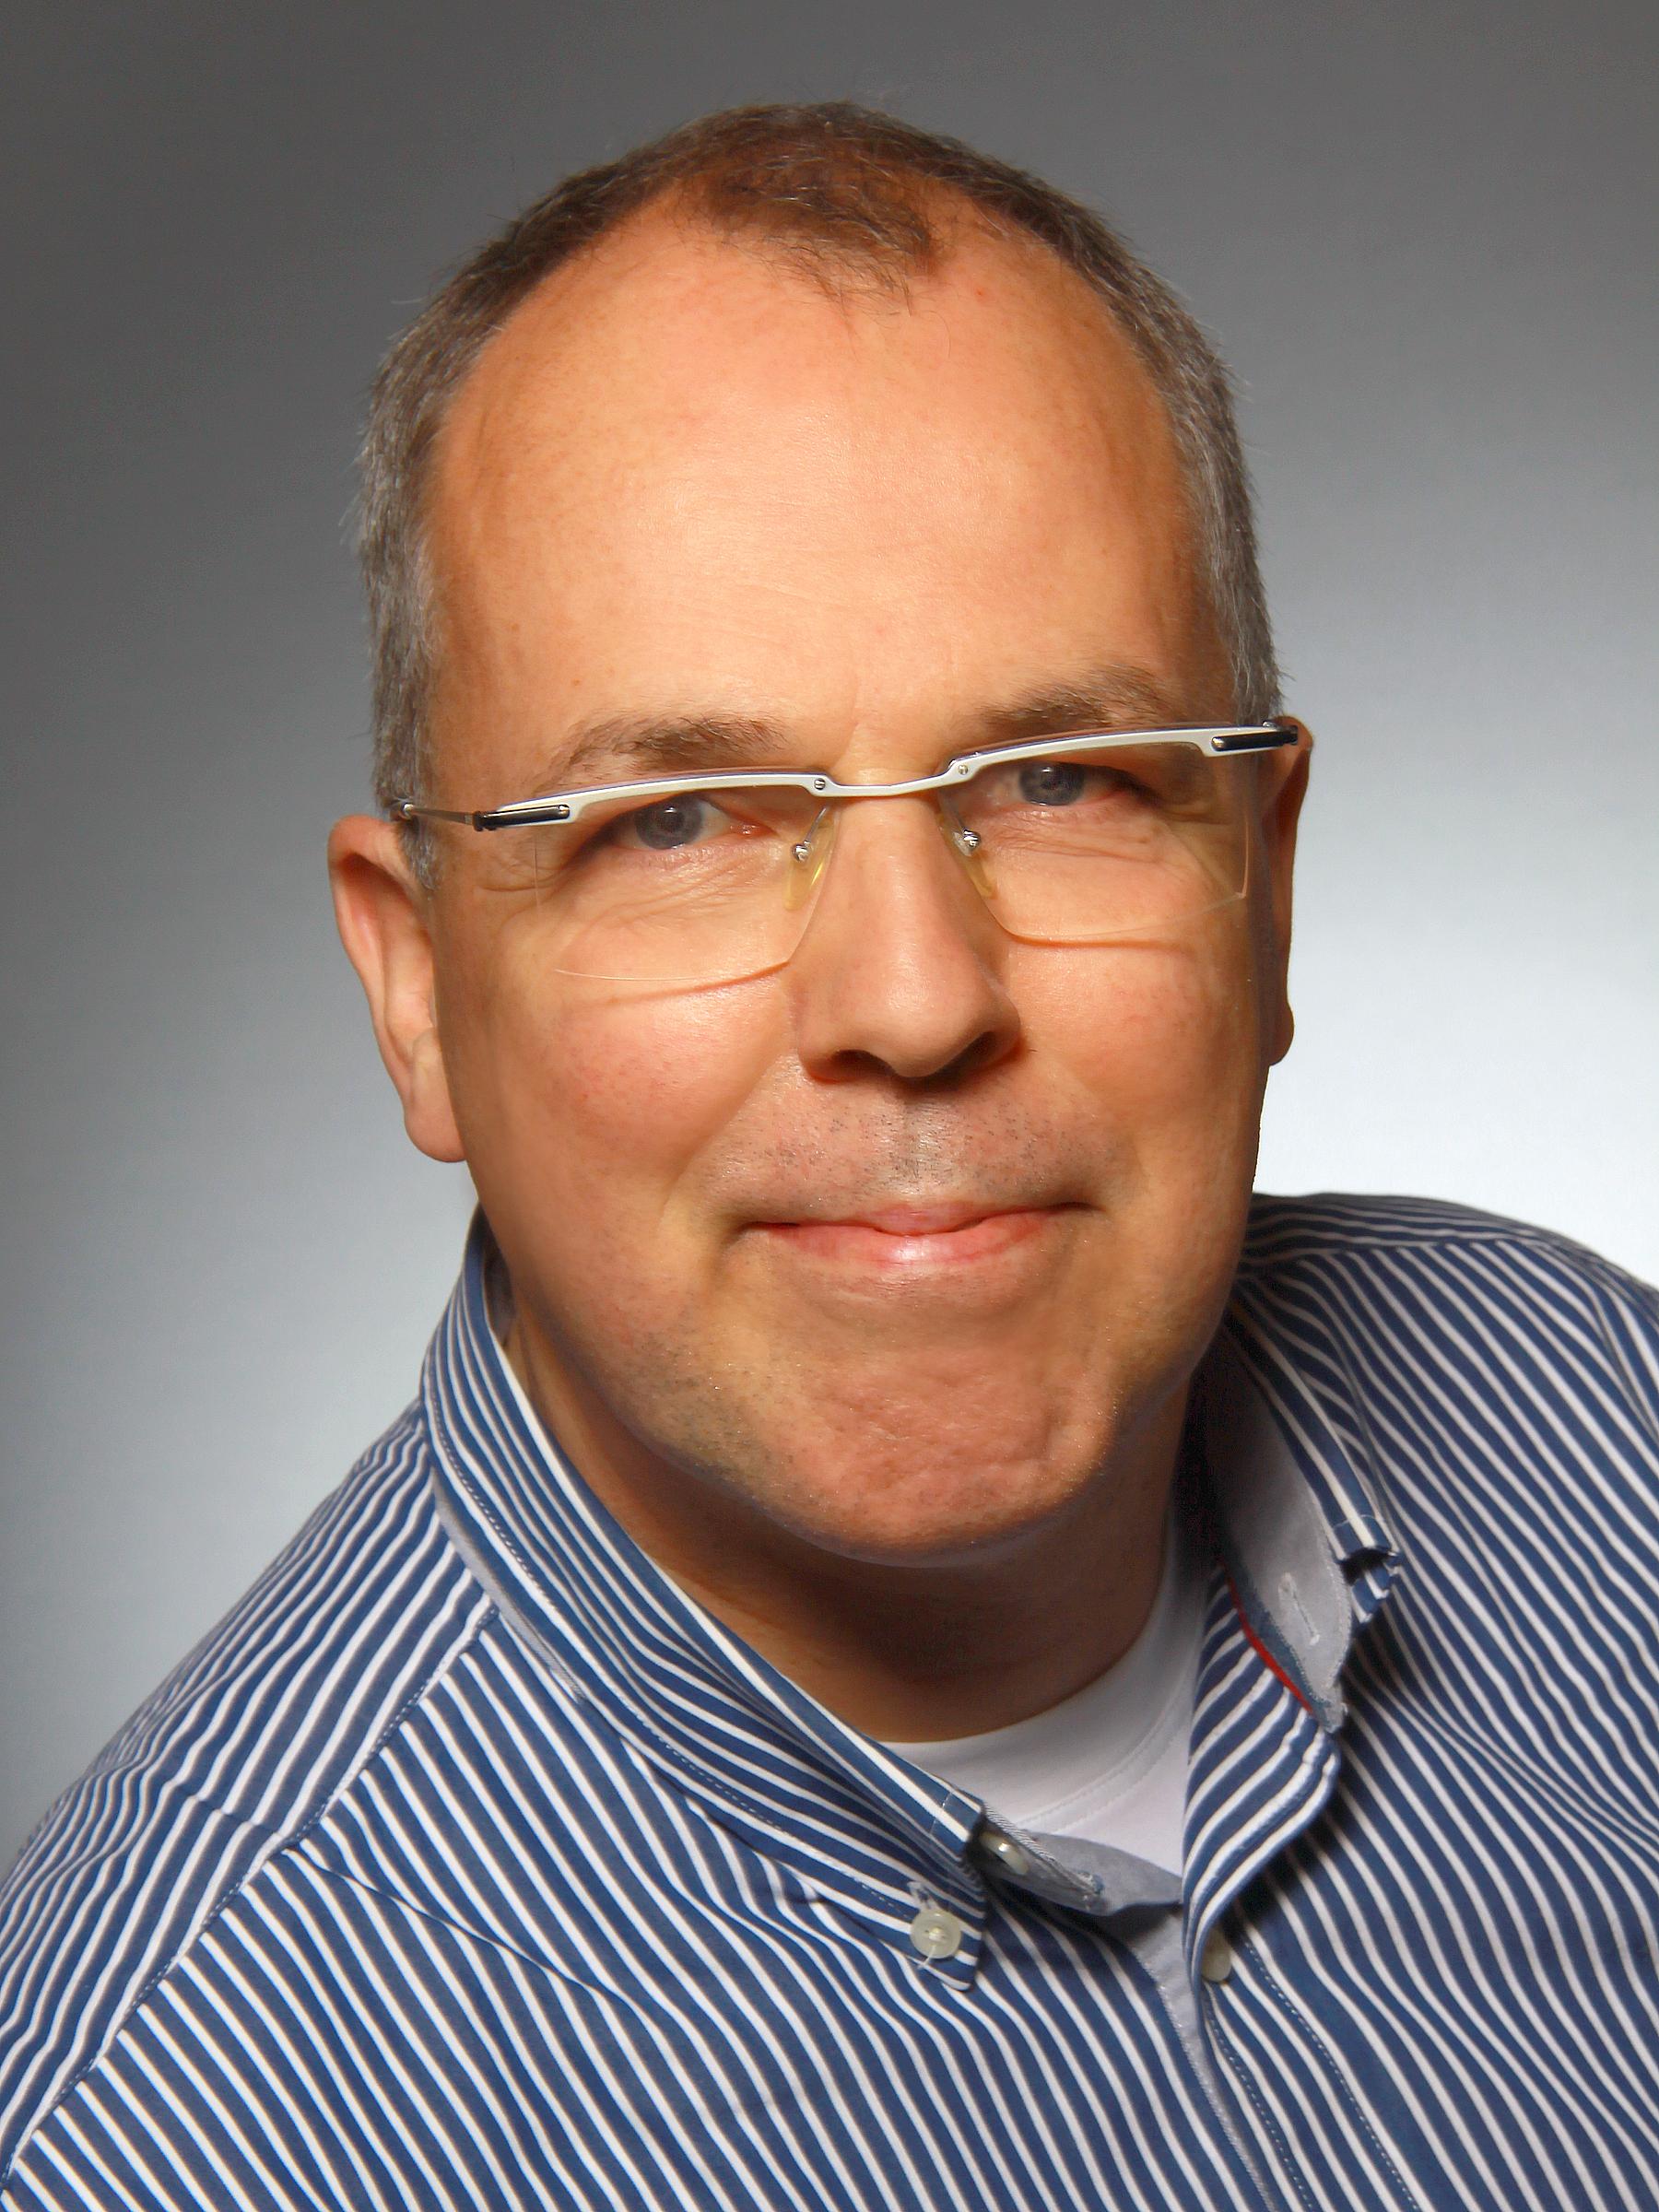 E-Mail: michael.wiemer@gmx.net